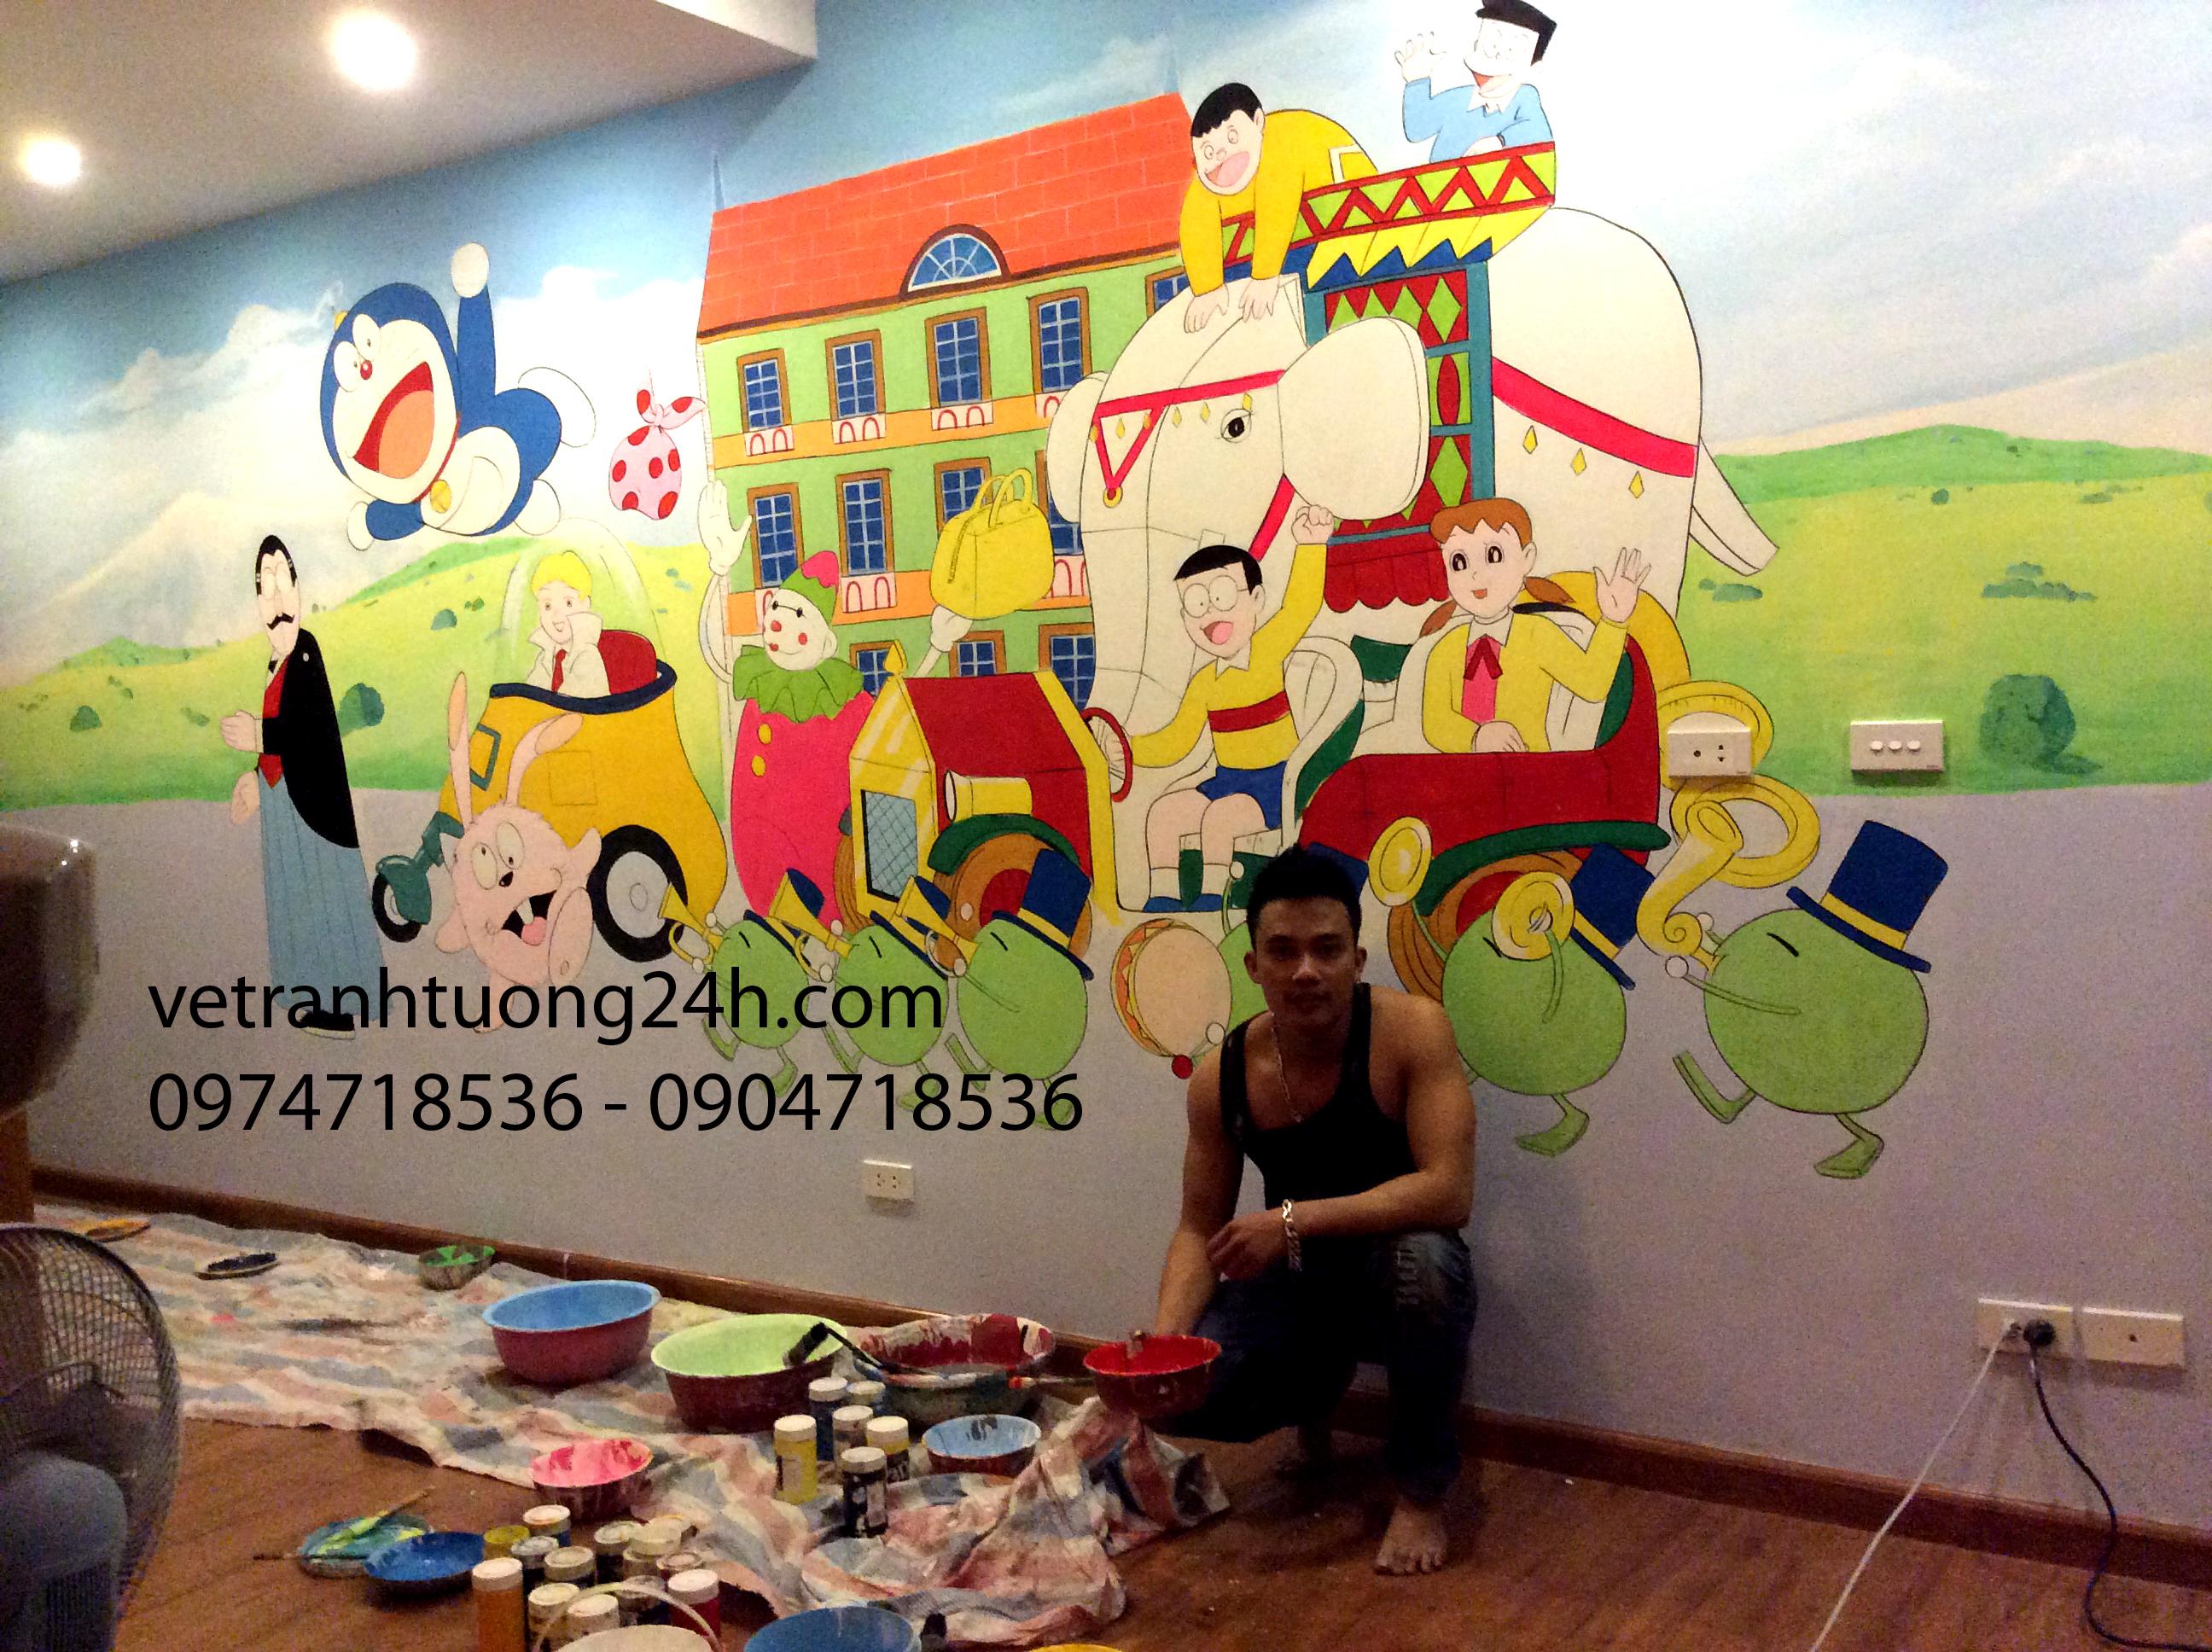 tranh-tuong-phong-be-ct2-lang-viet-kieu-chau-au-ha-dong-1